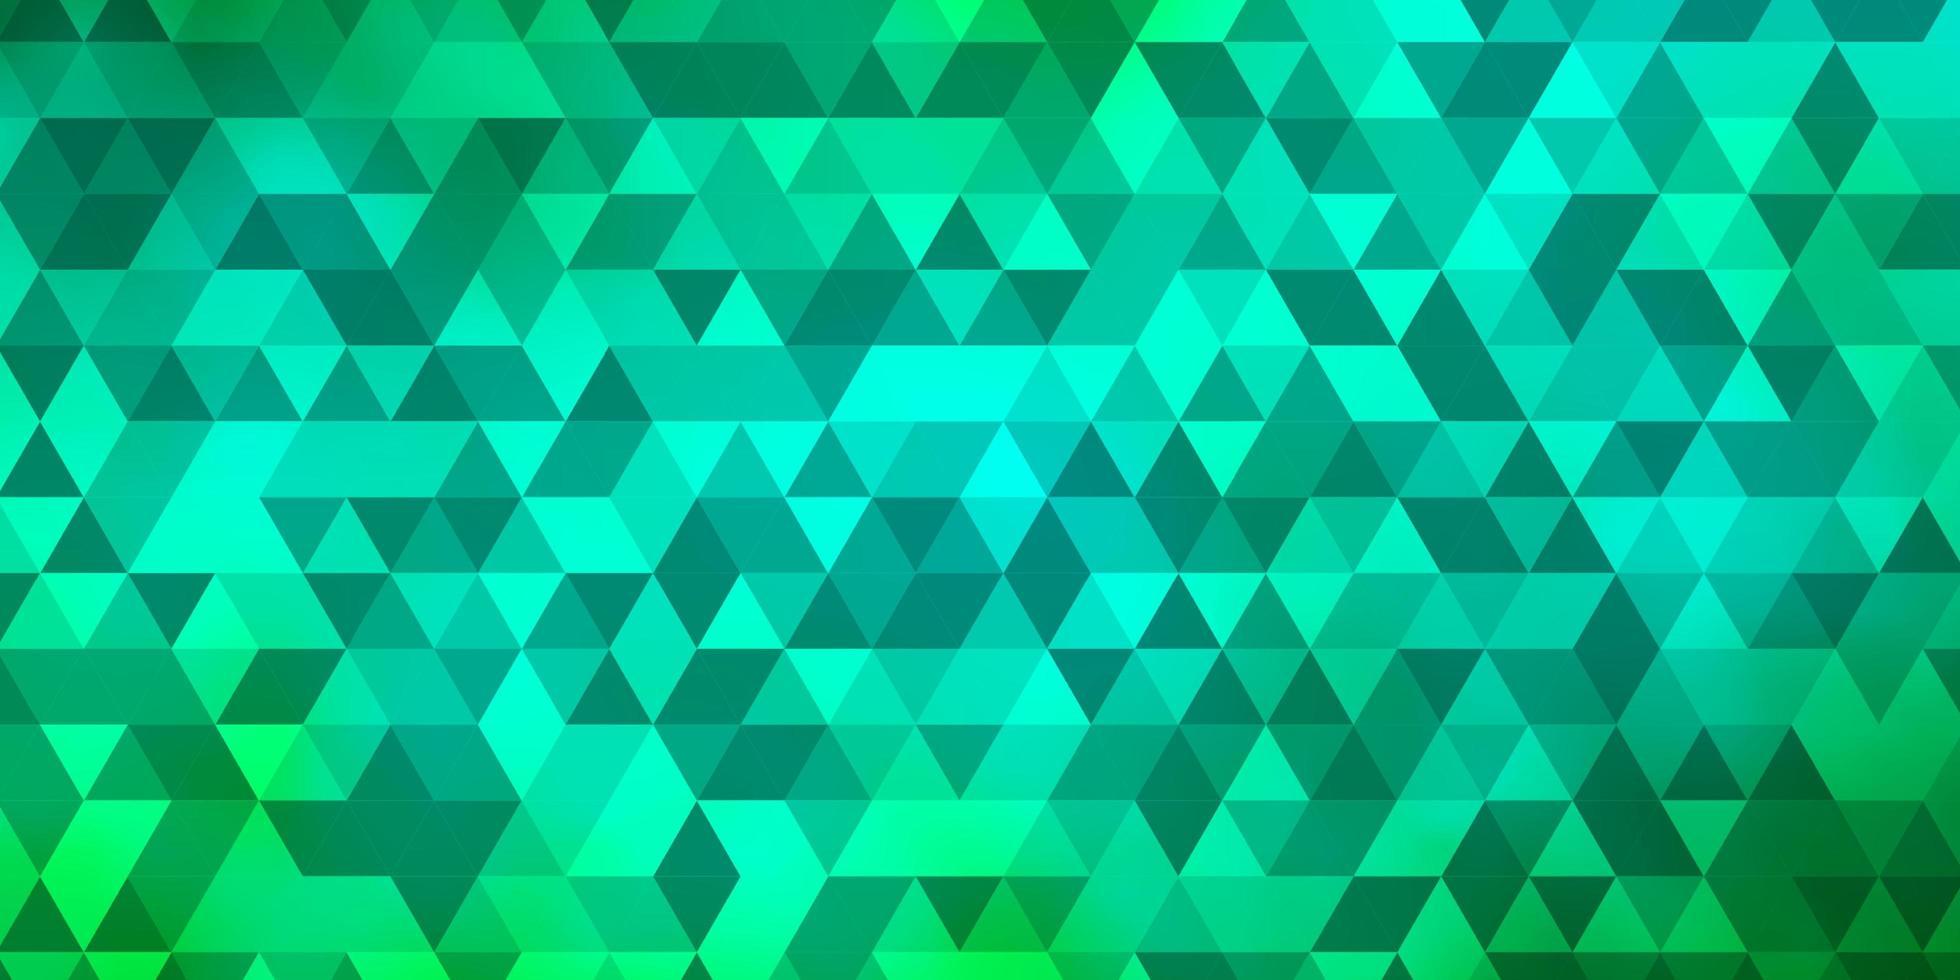 diseño verde claro con líneas, triángulos. vector